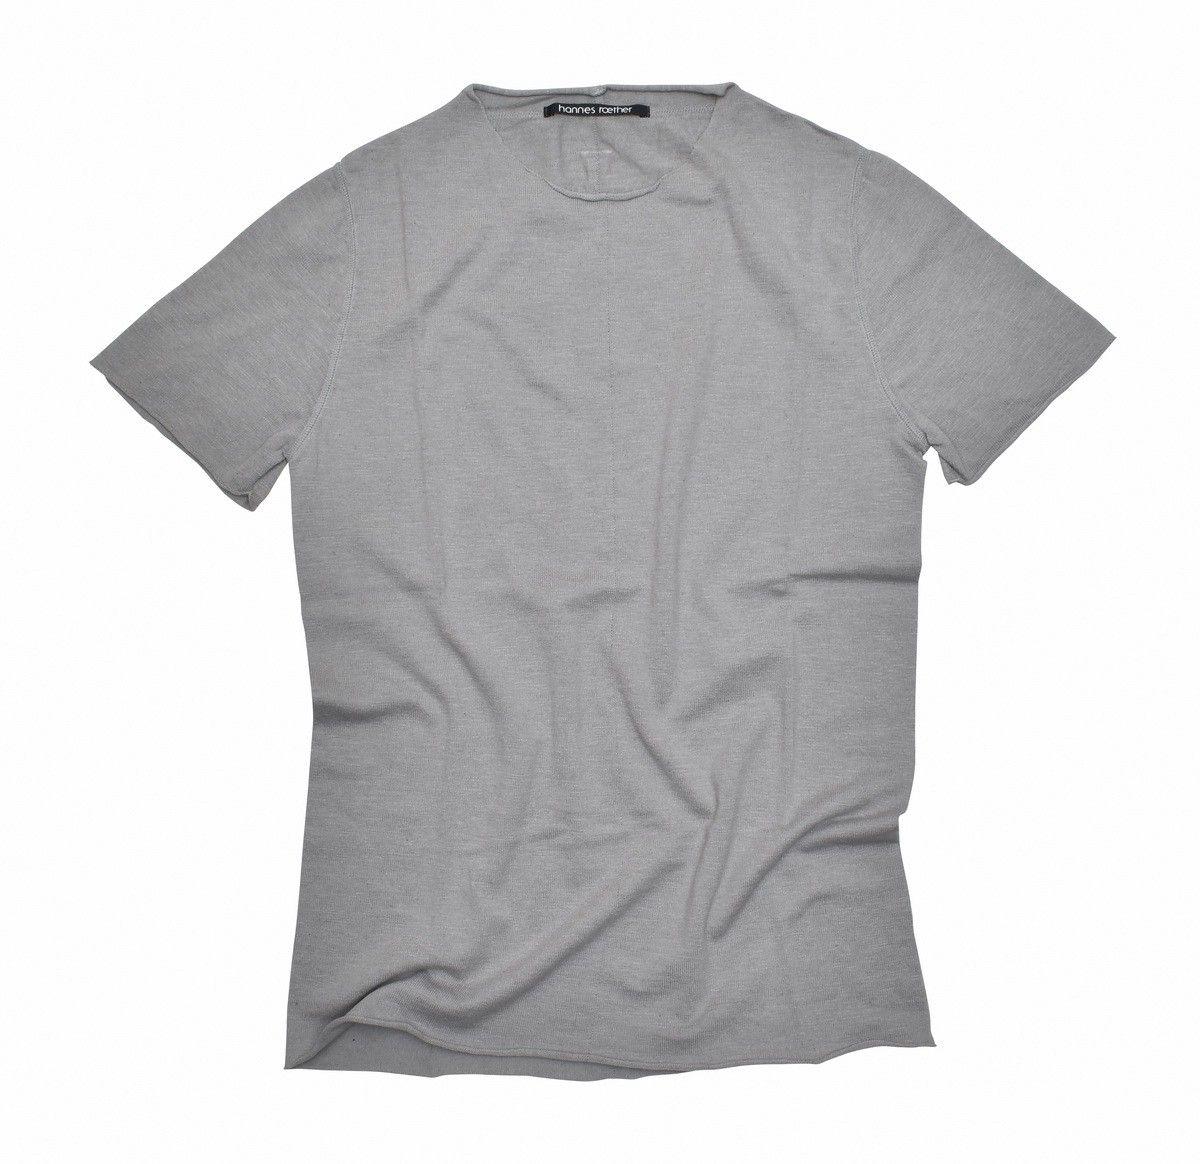 HANNES ROETHER - Herren Strick T-shirt Funes - Beton